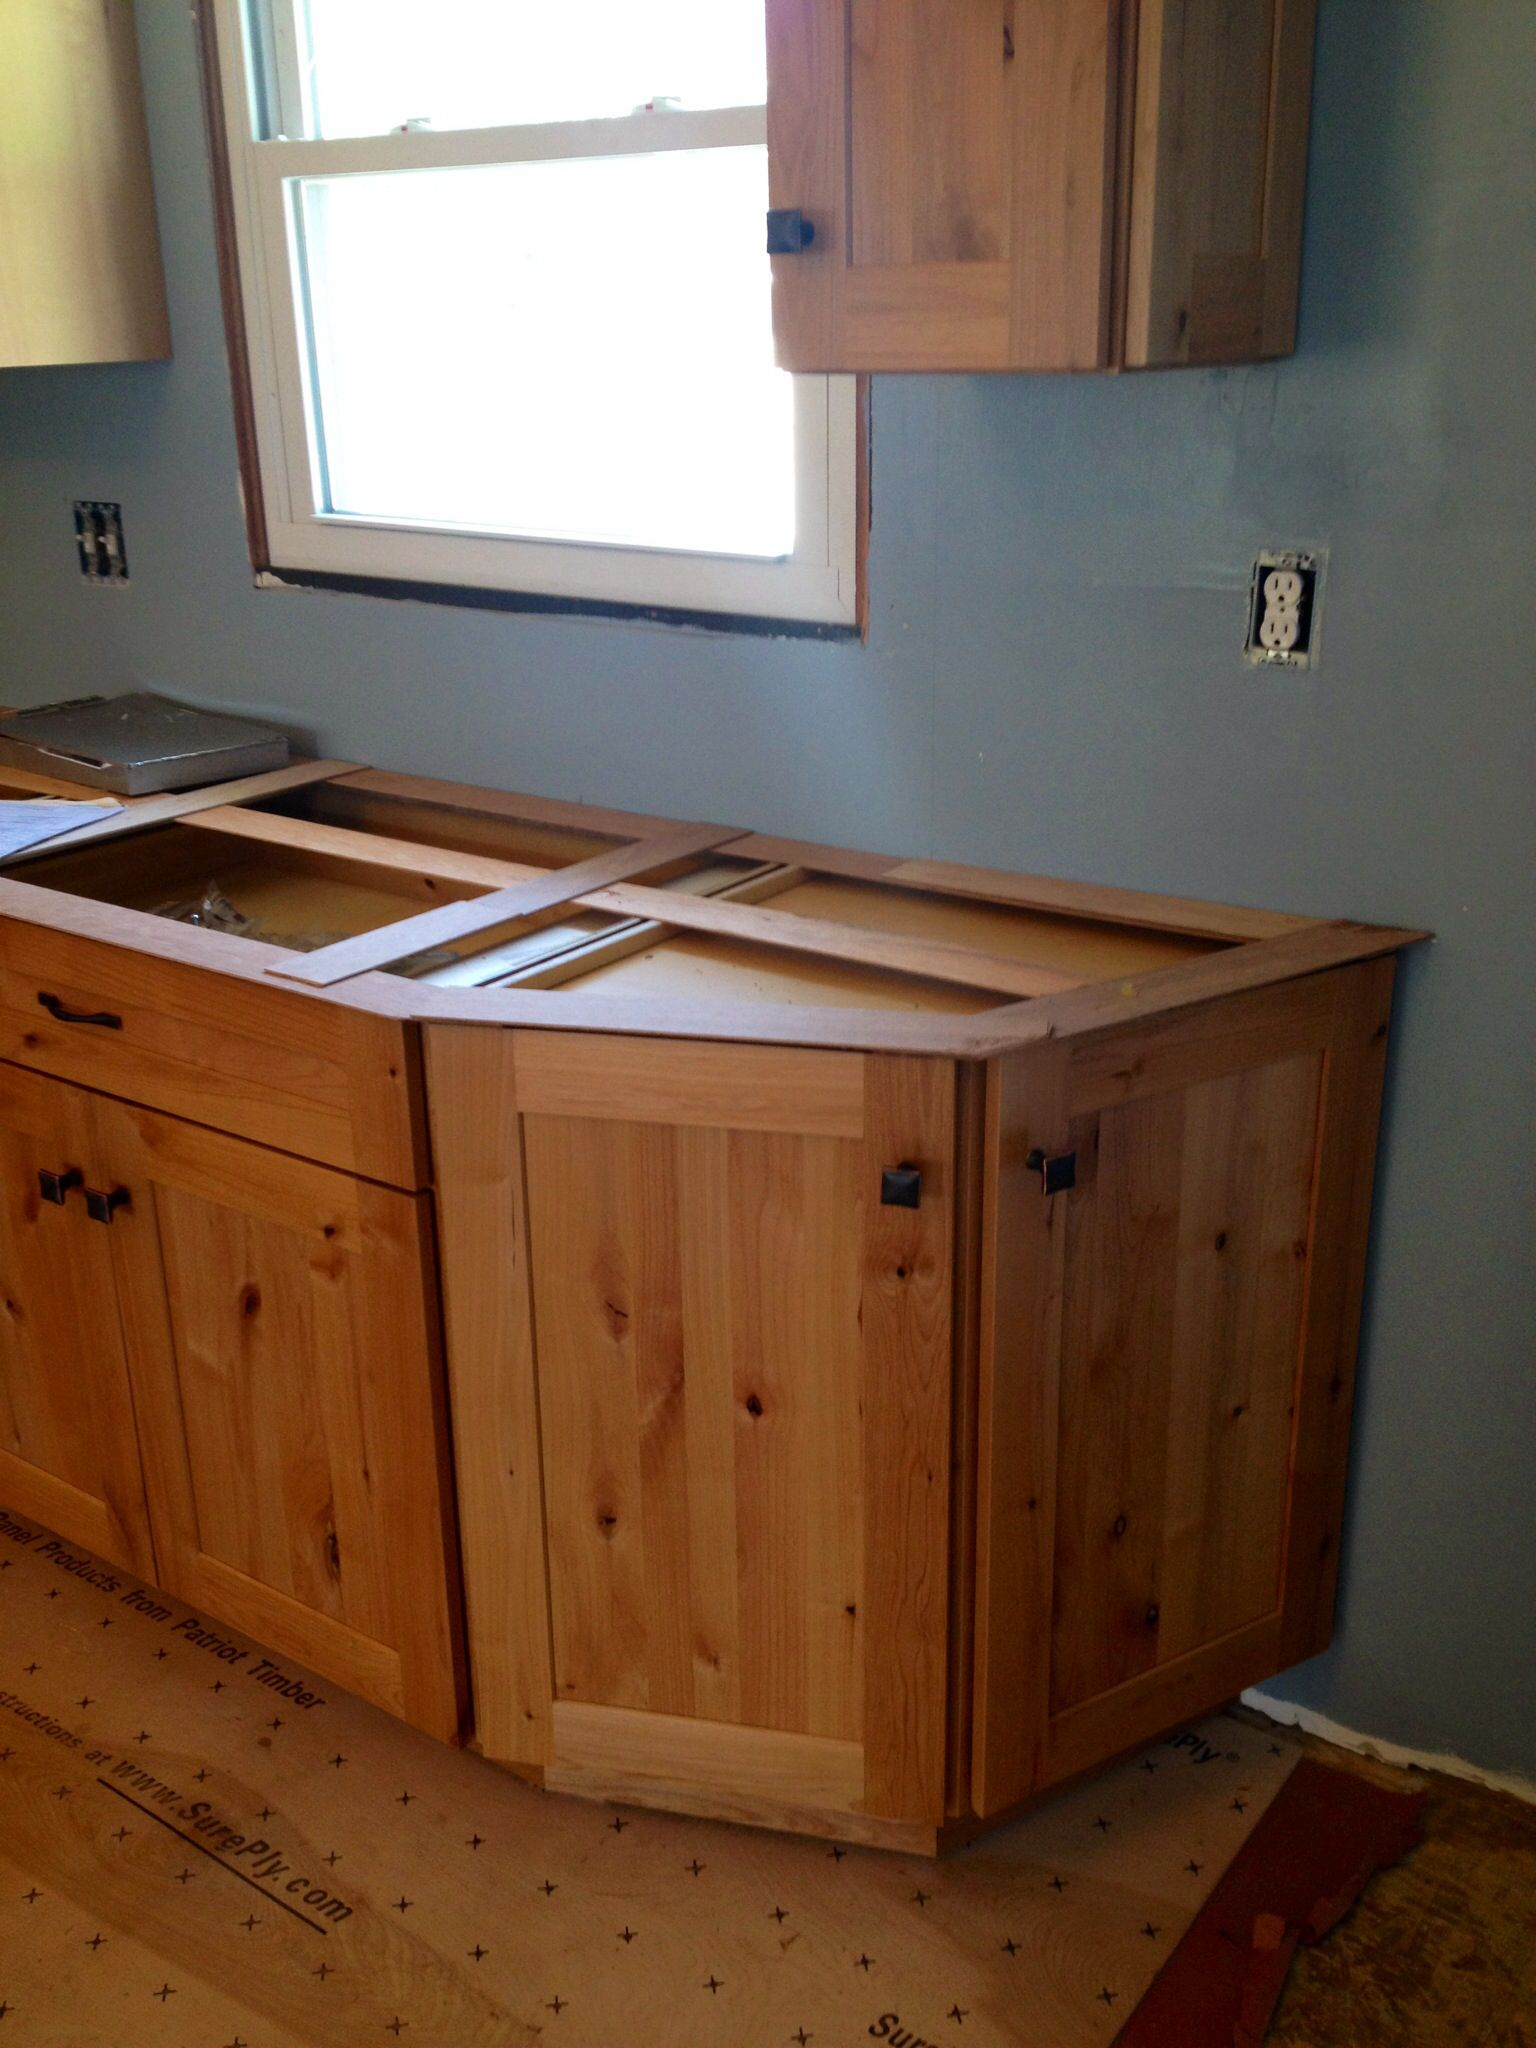 Day e countertop templates home transformation